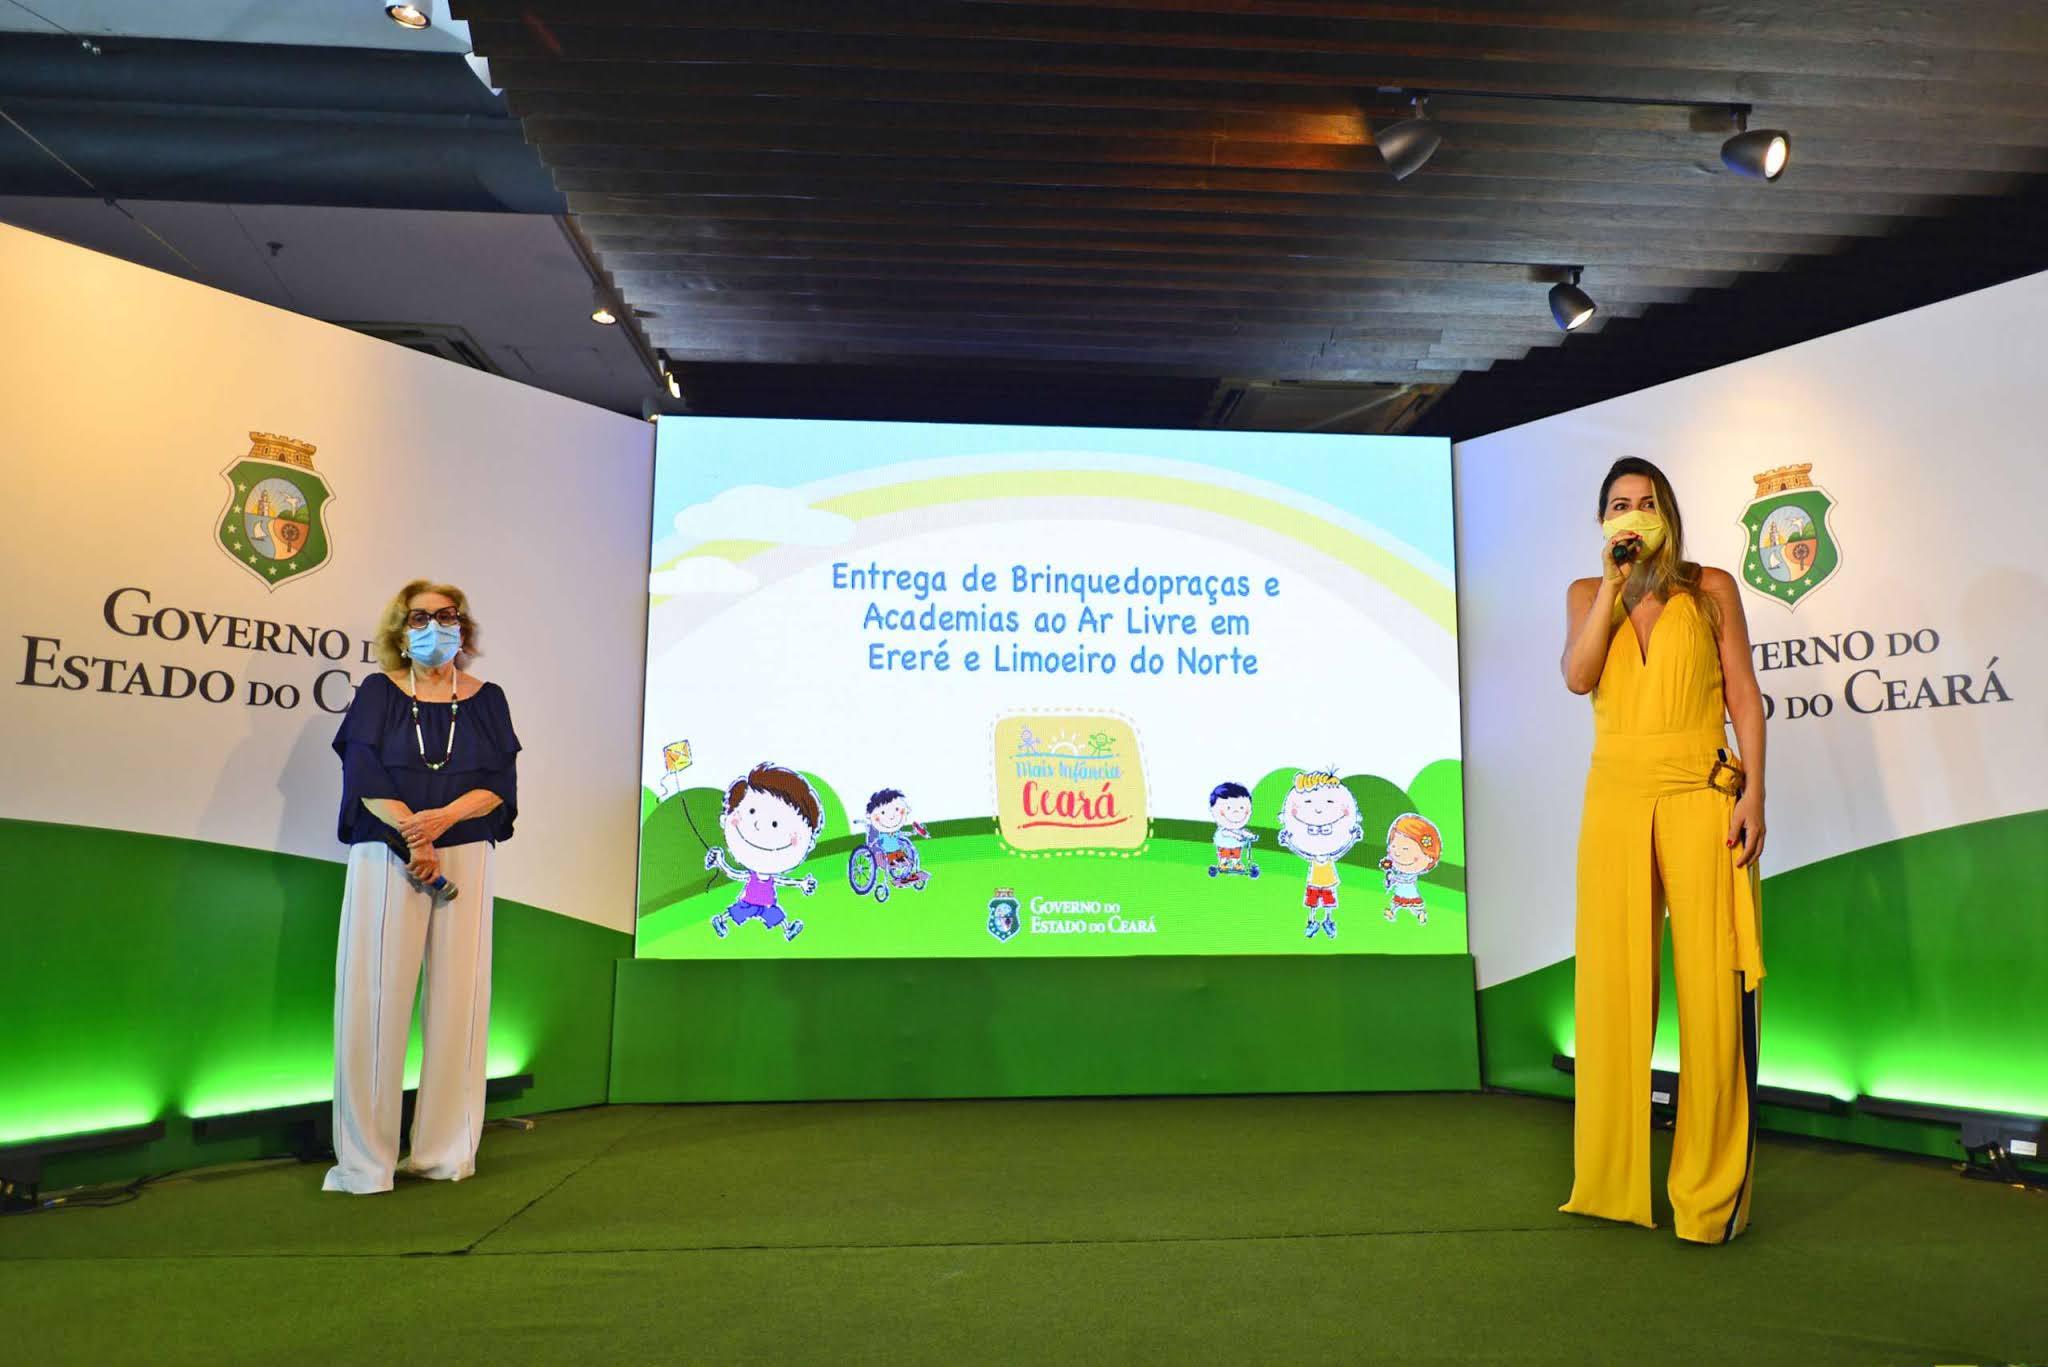 Ceará já soma 123 brinquedopraças com as entregas em Ereré e Limoeiro do Norte